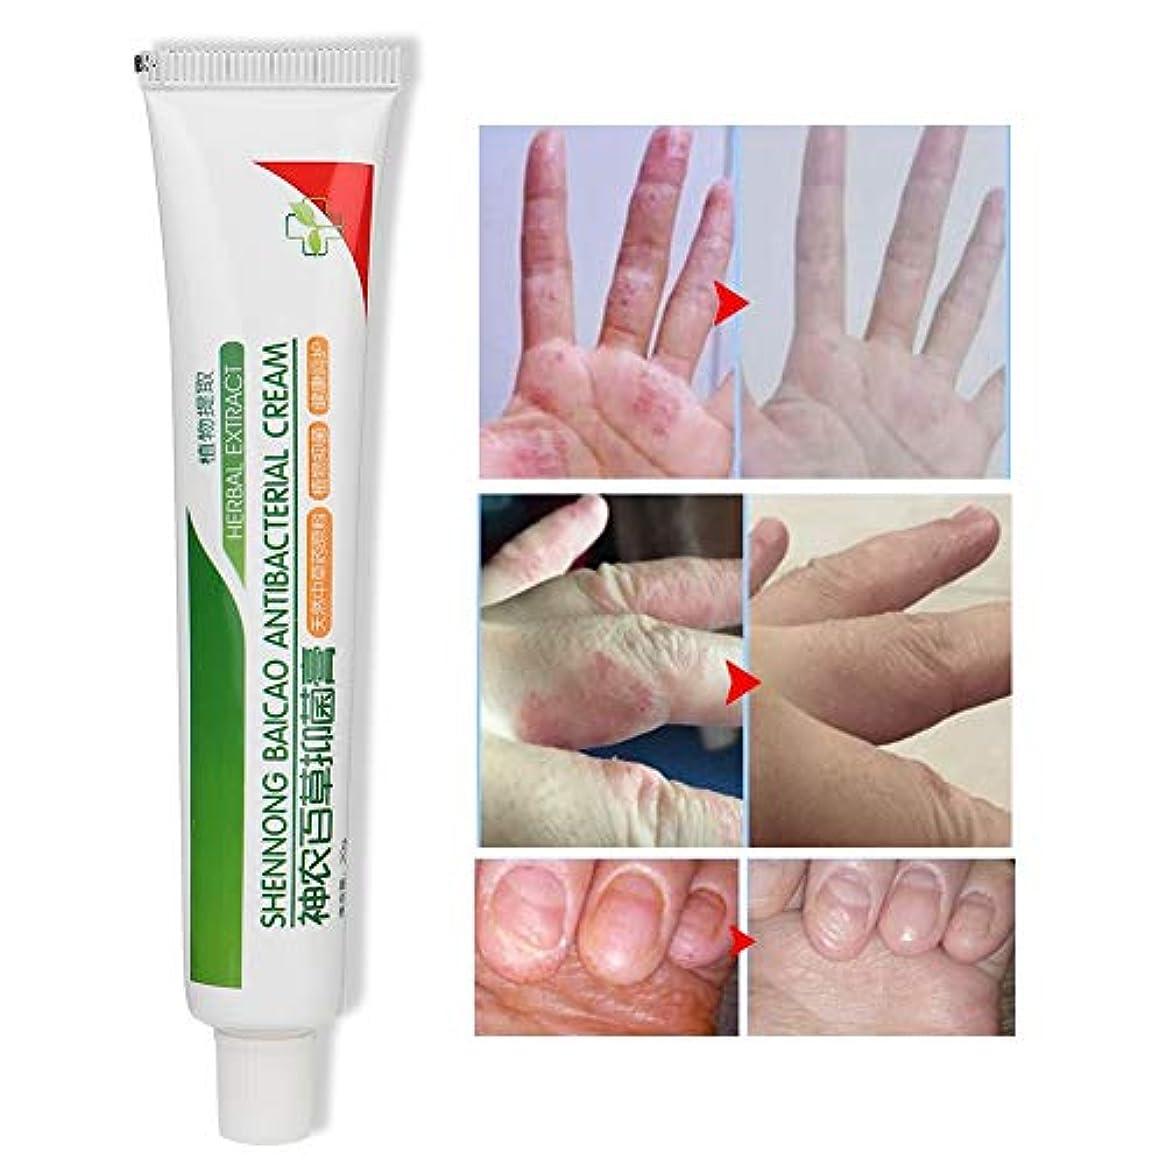 空洞増幅する銅皮膚軟膏のリペアクリームリリーフ掻uri症皮膚アレルギー蚊かみ傷乾燥ひび割れ皮植物クリーム20g